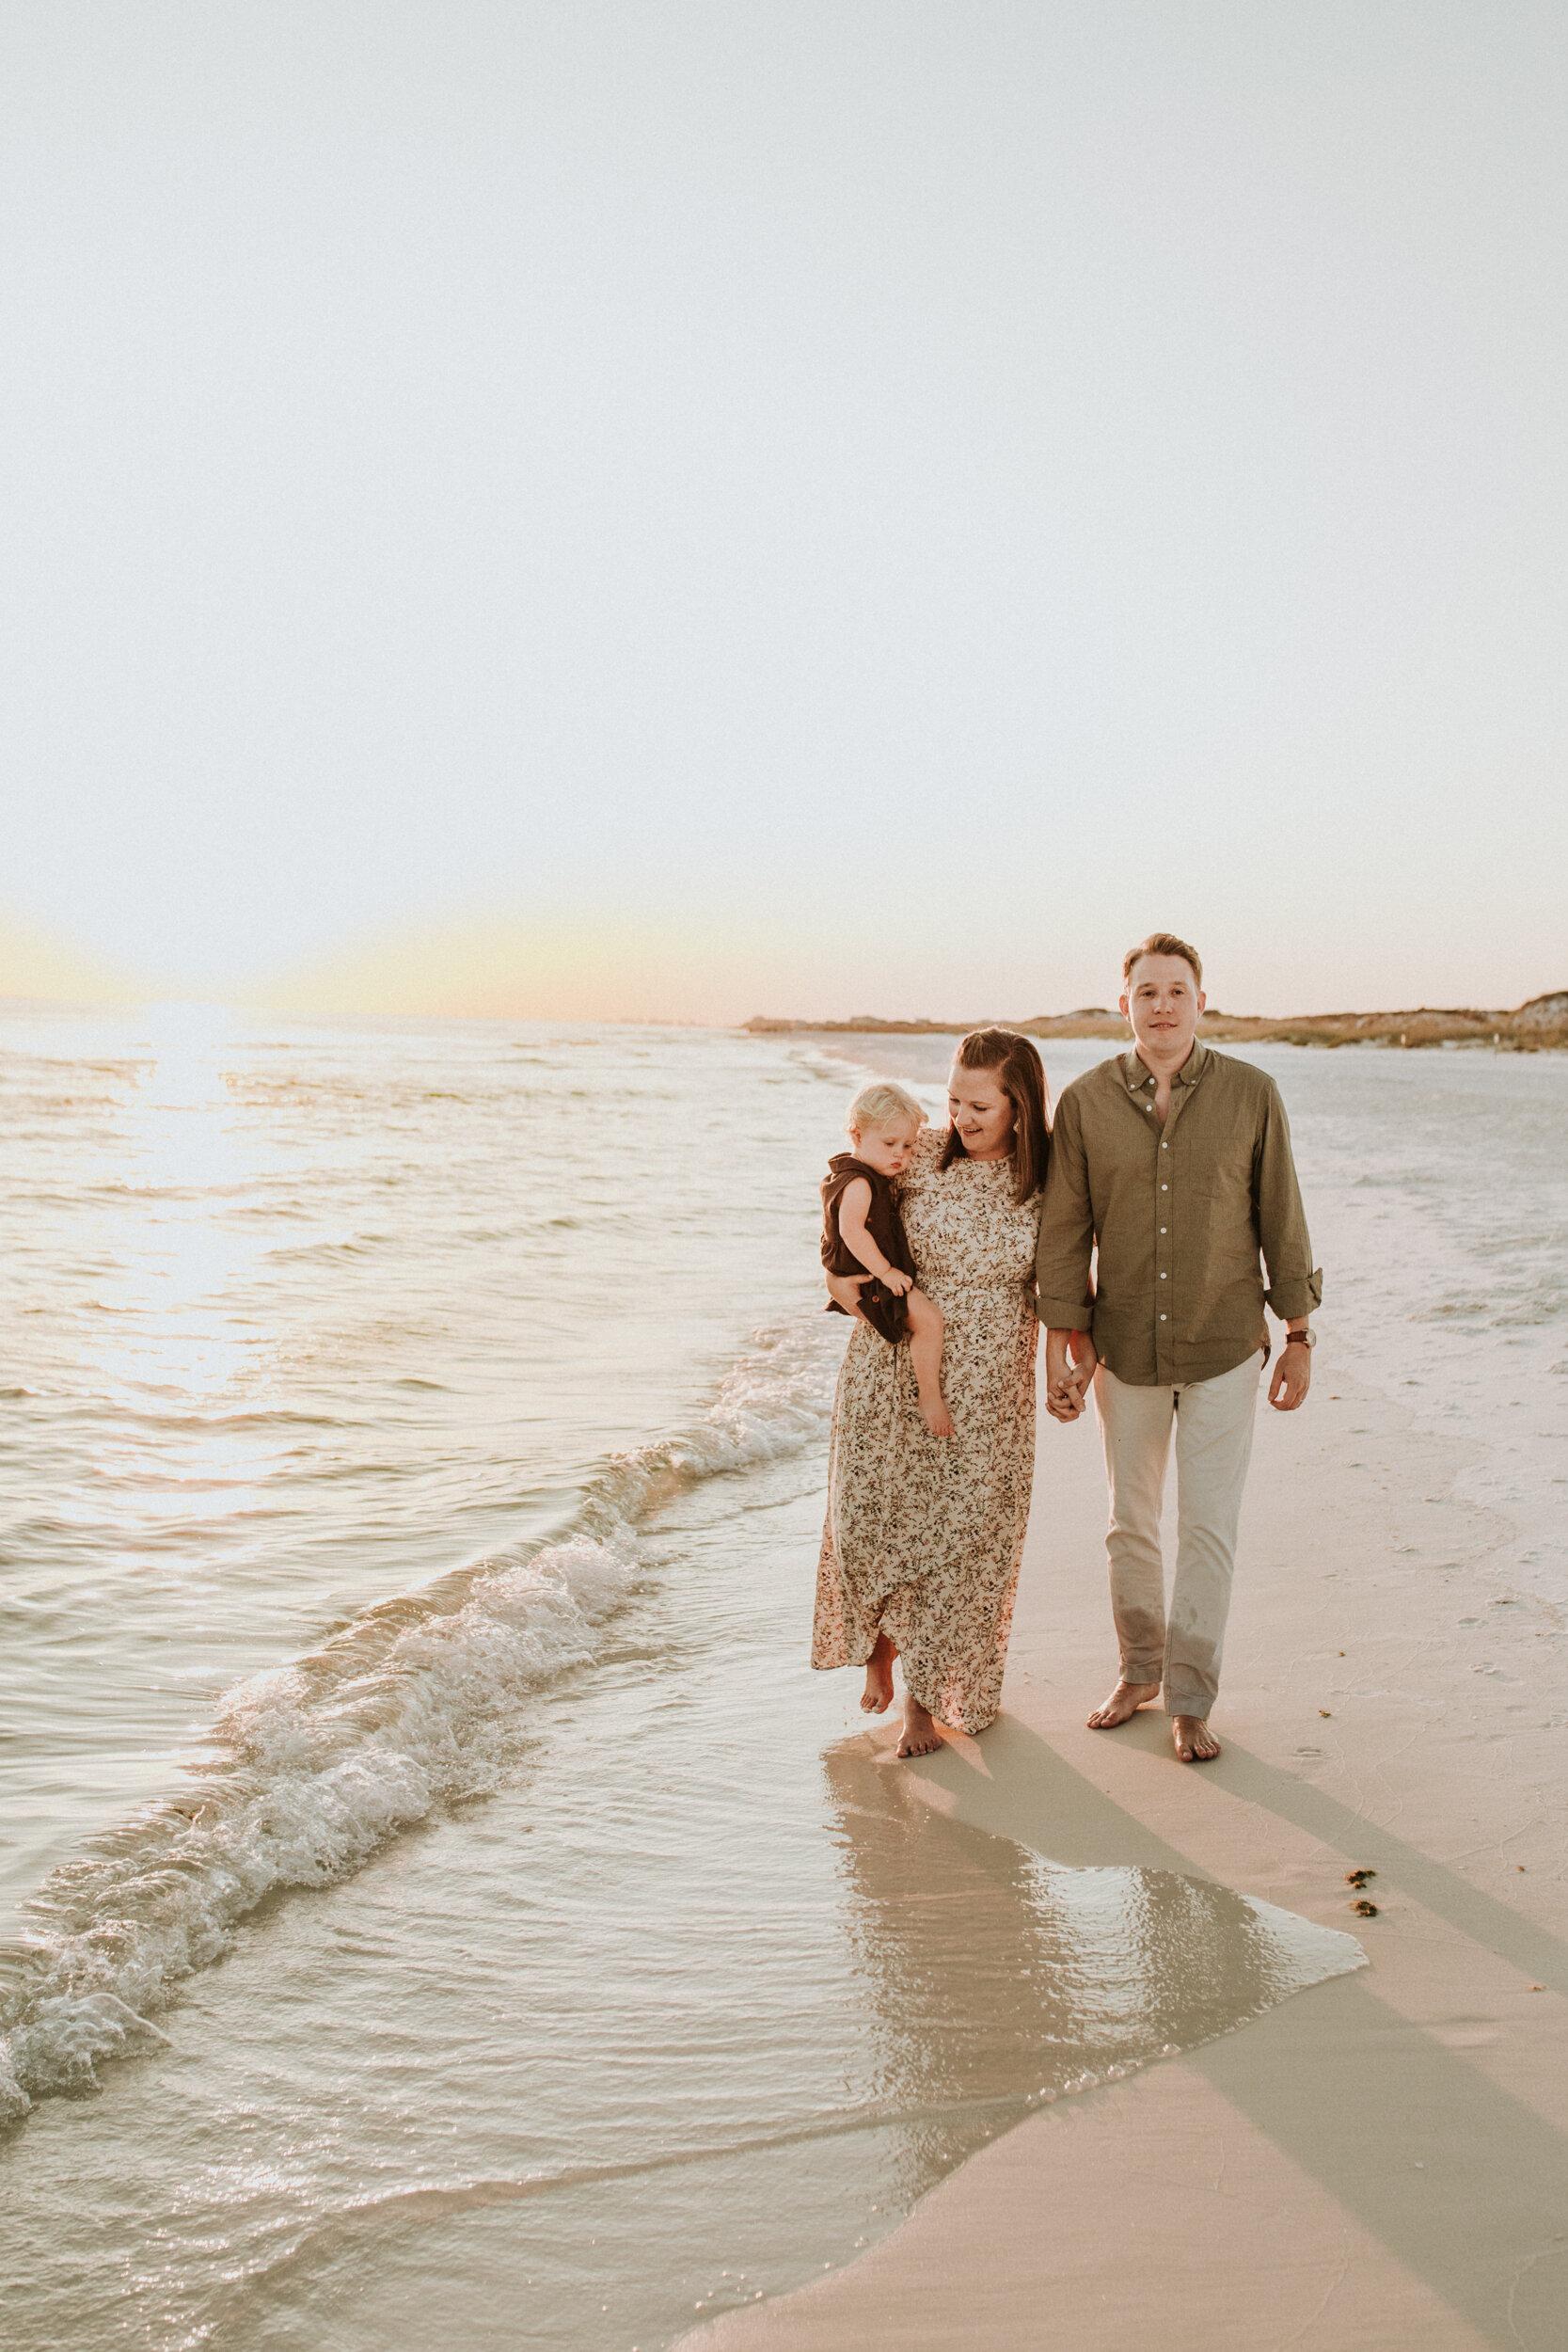 30a_Destin_Watercolor_Family_Photographer_Beach_Photos-23.jpg